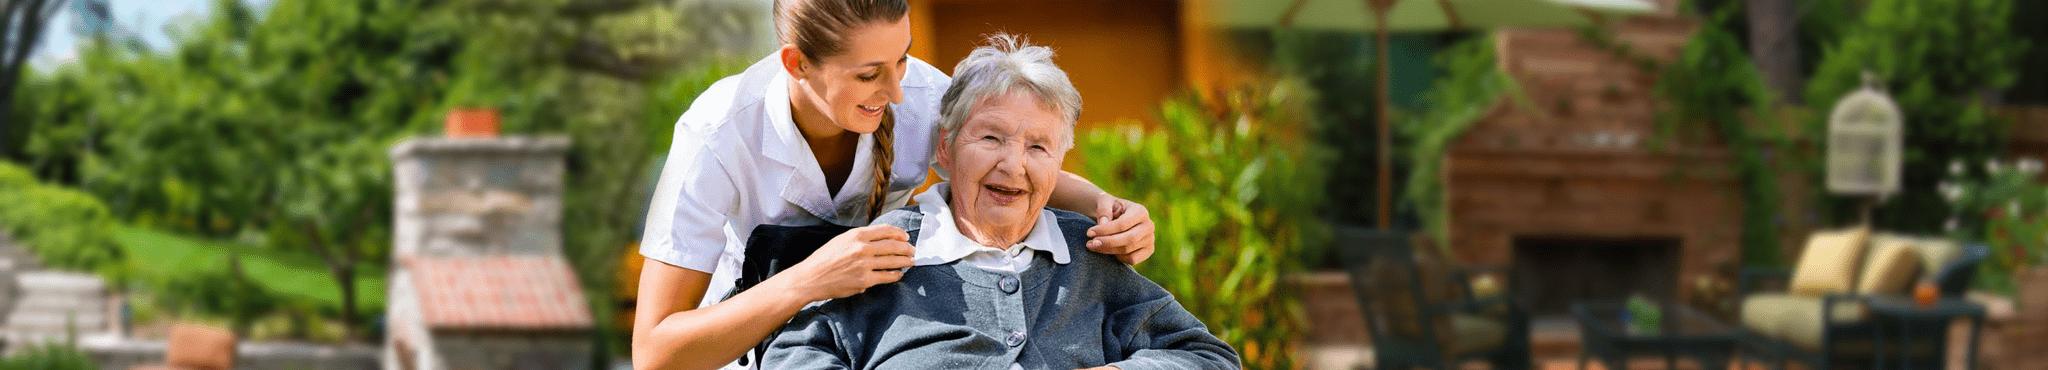 AlzheimerT¦Цйs & Dementia Care-min